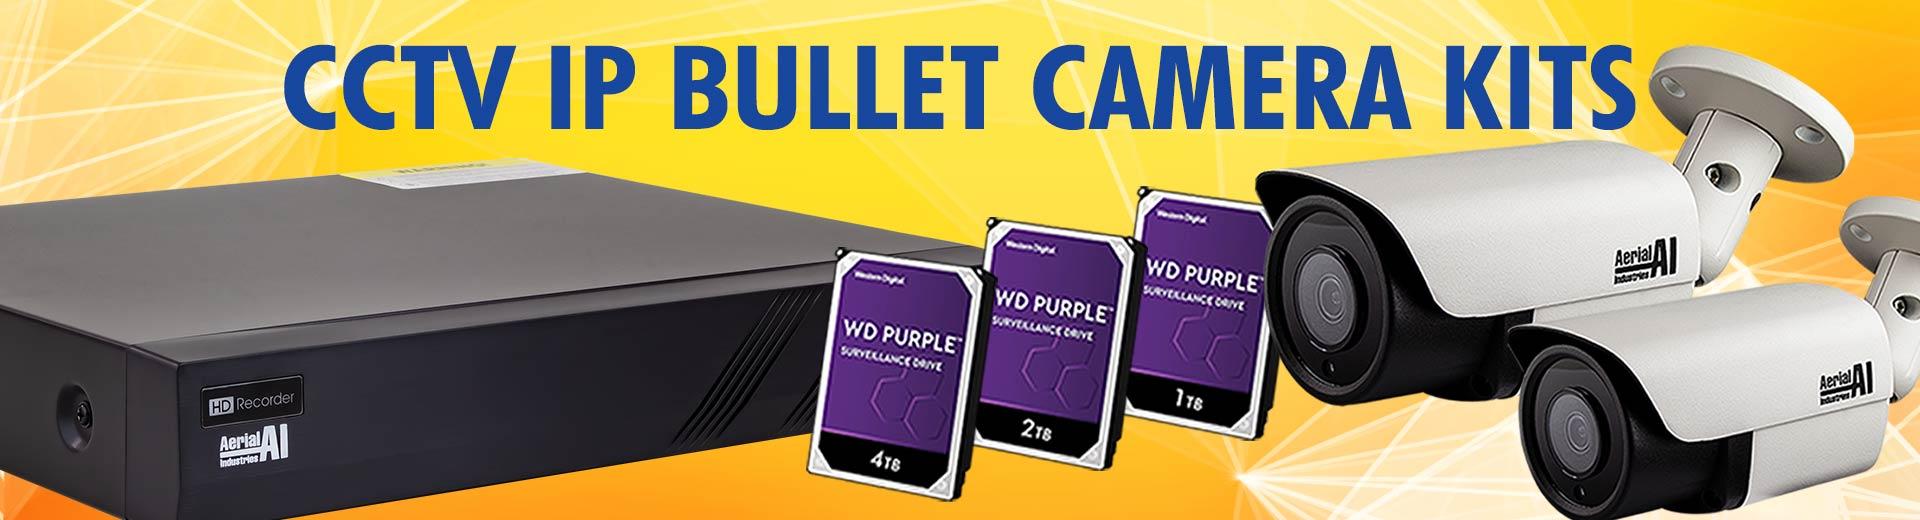 Laceys.tv CCTV IP Bullet Camera Kits Banner Aug21